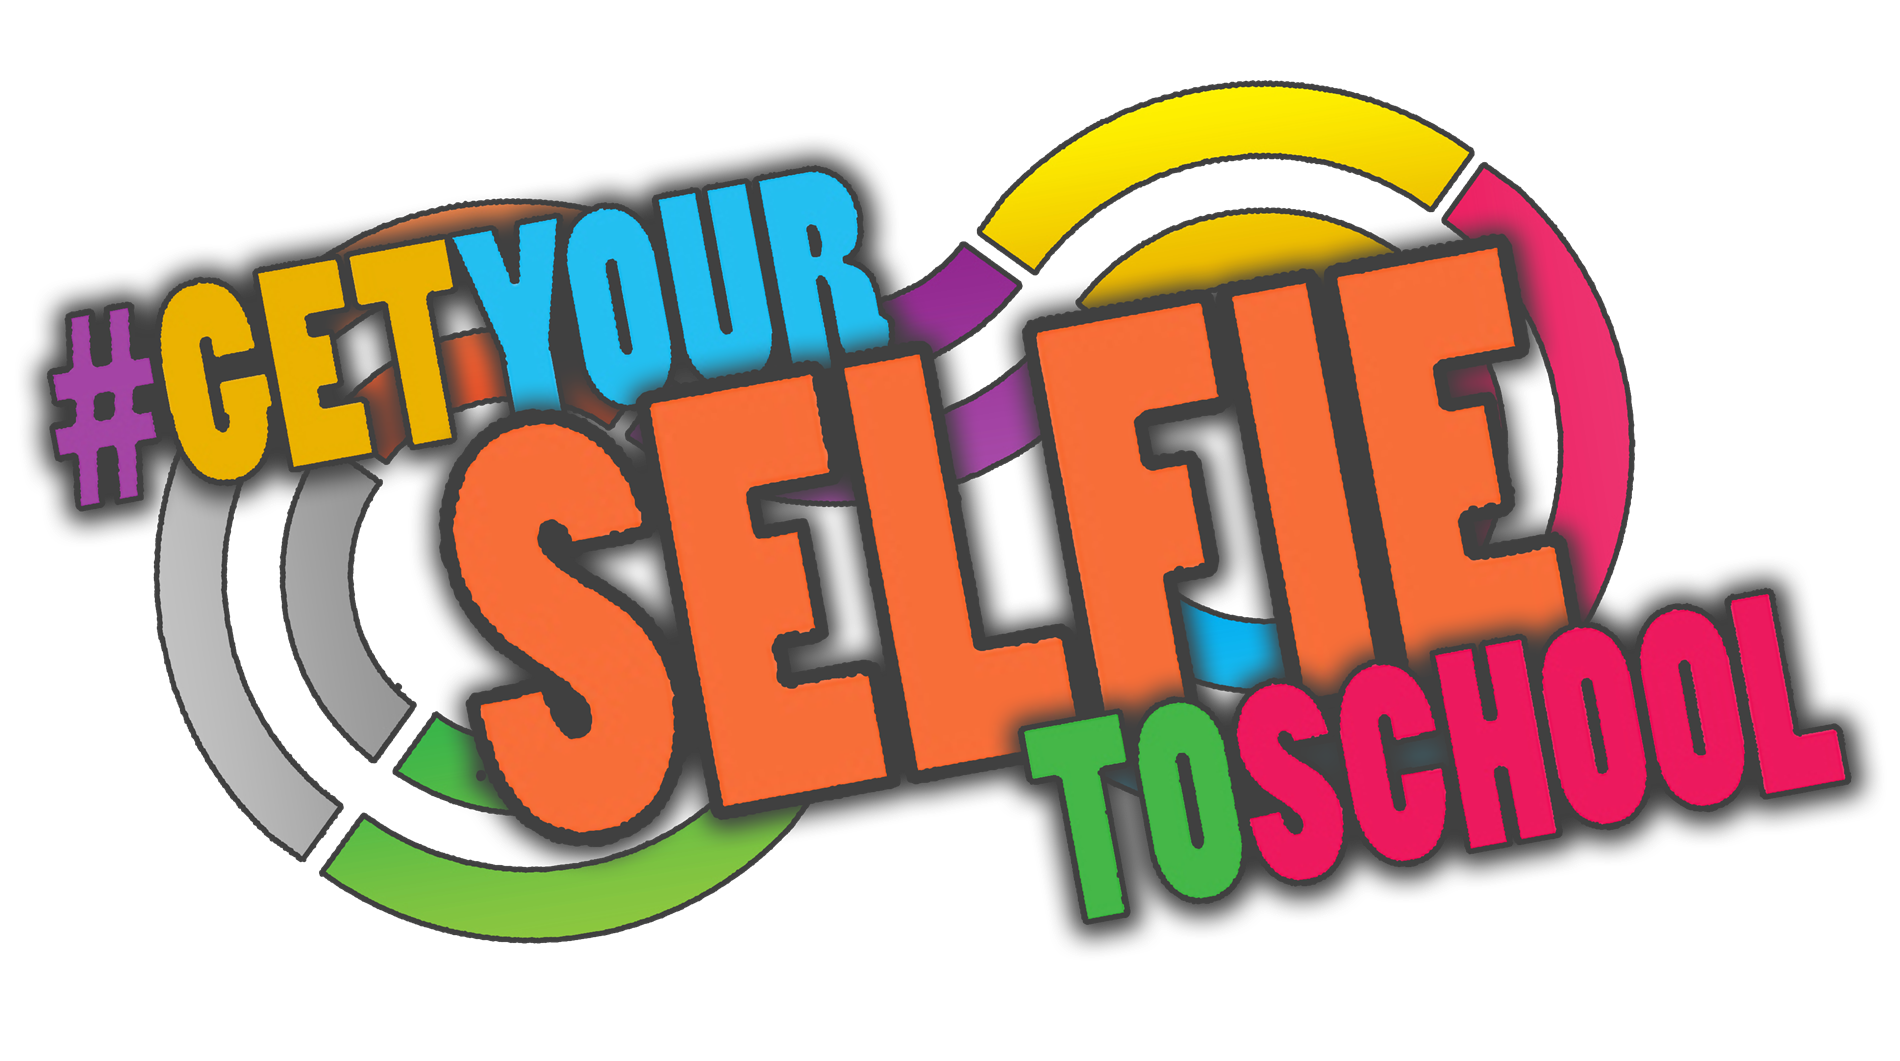 Get yourselfie to school